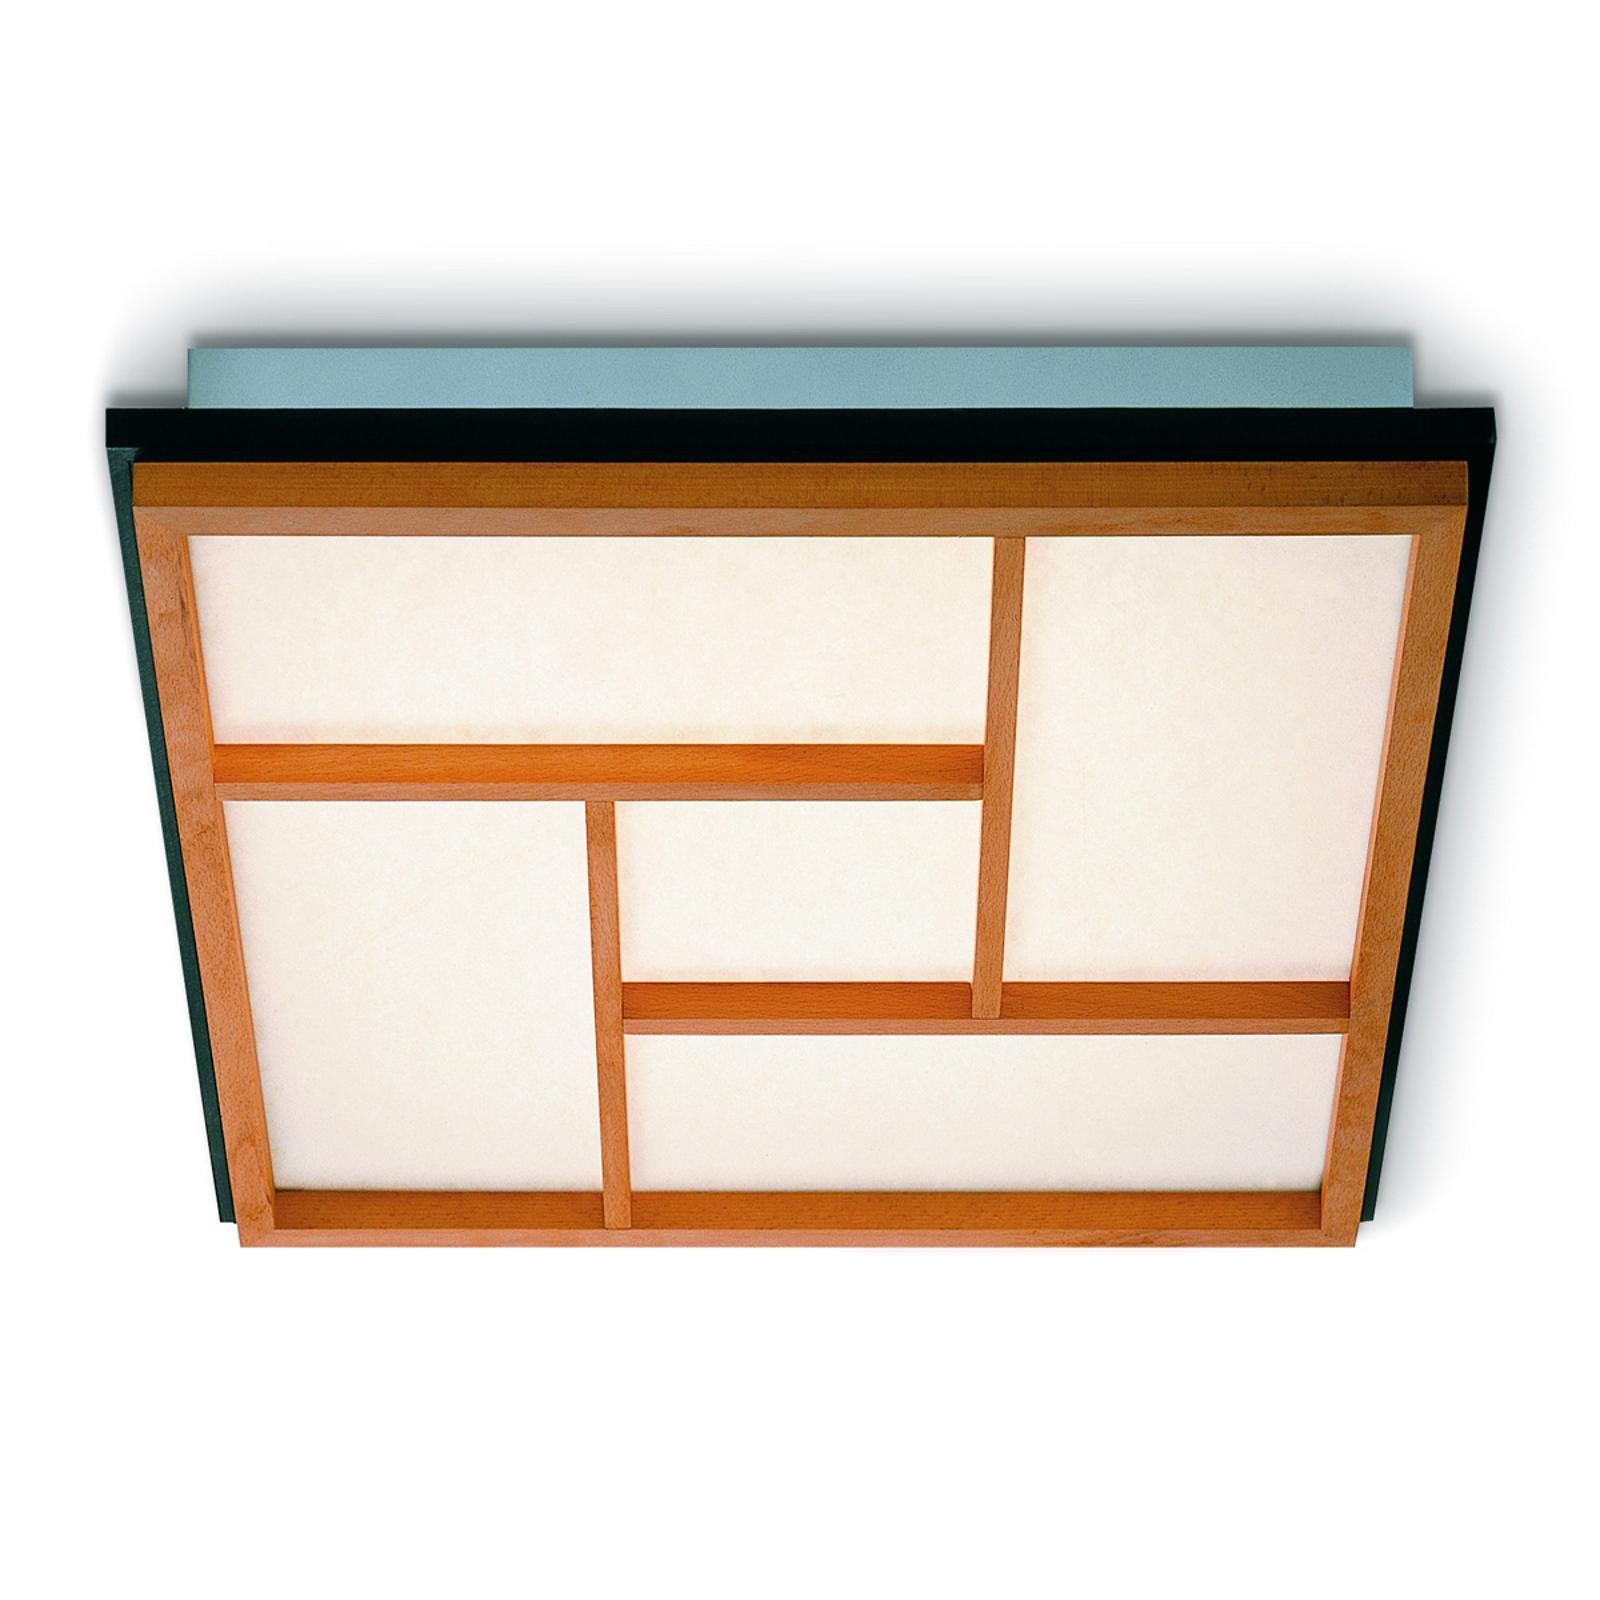 Plafonnier LED Kioto 5 en bois de hêtre